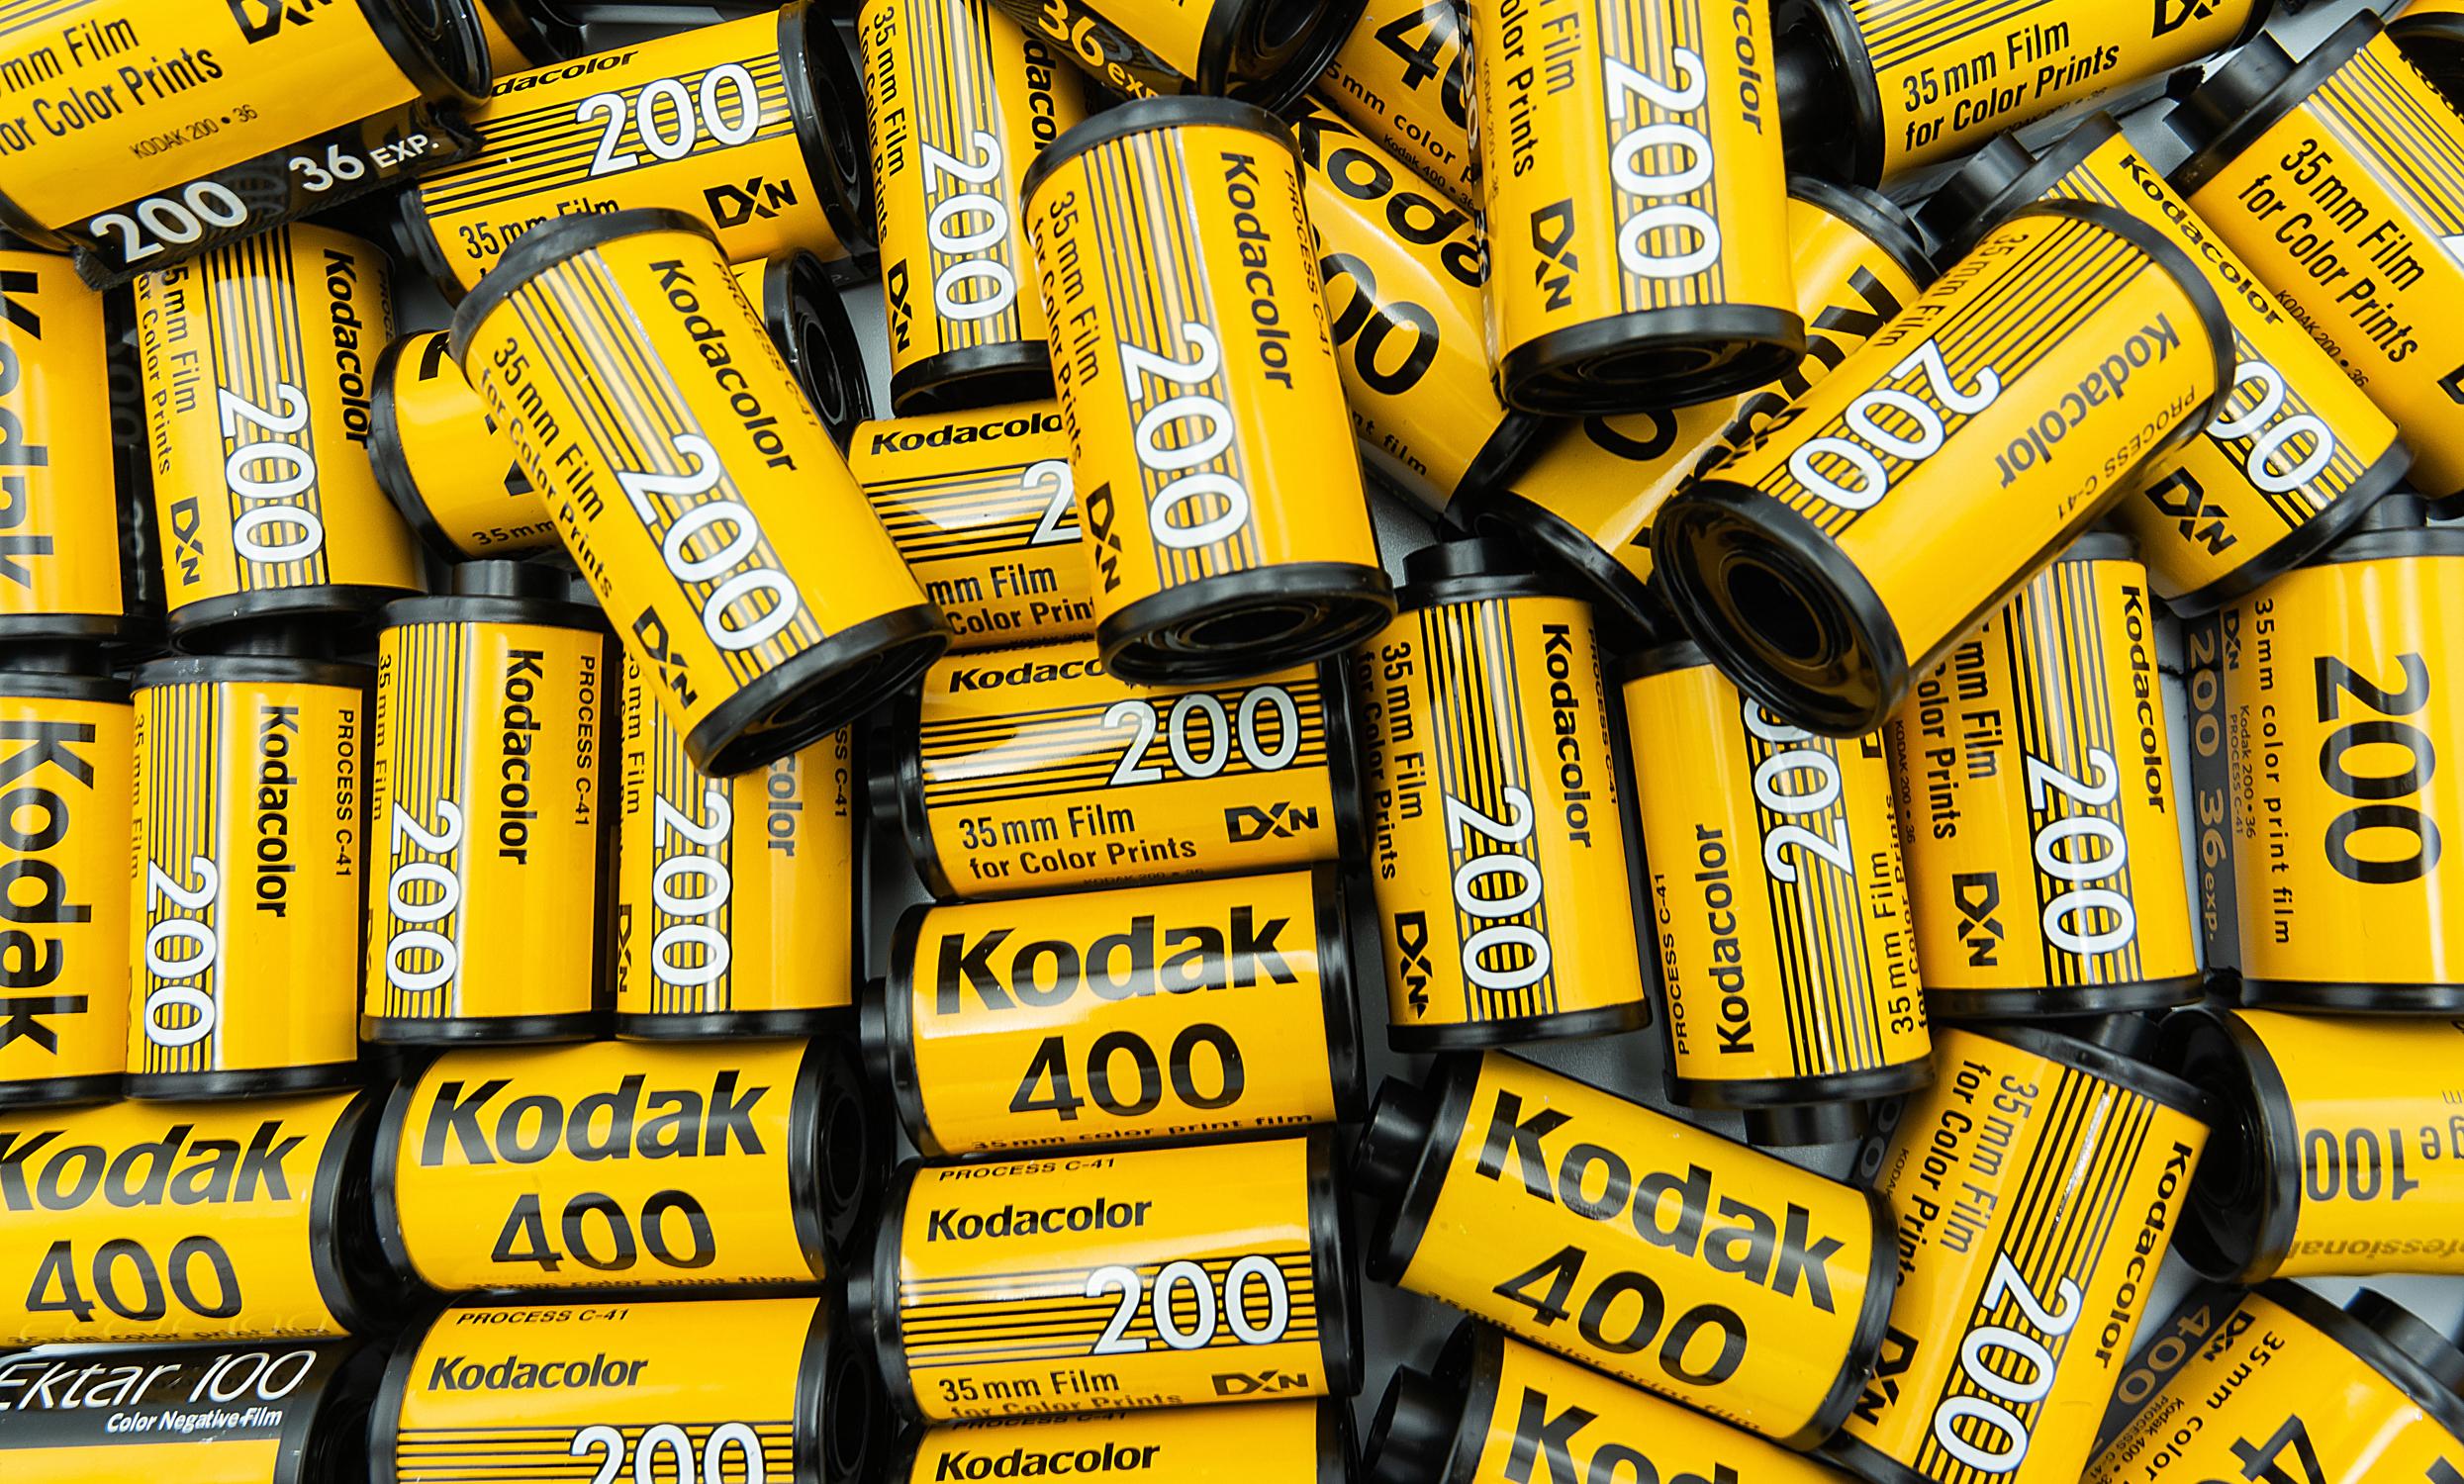 Kodak film (Pic: Sontat_rock/Shutterstock)